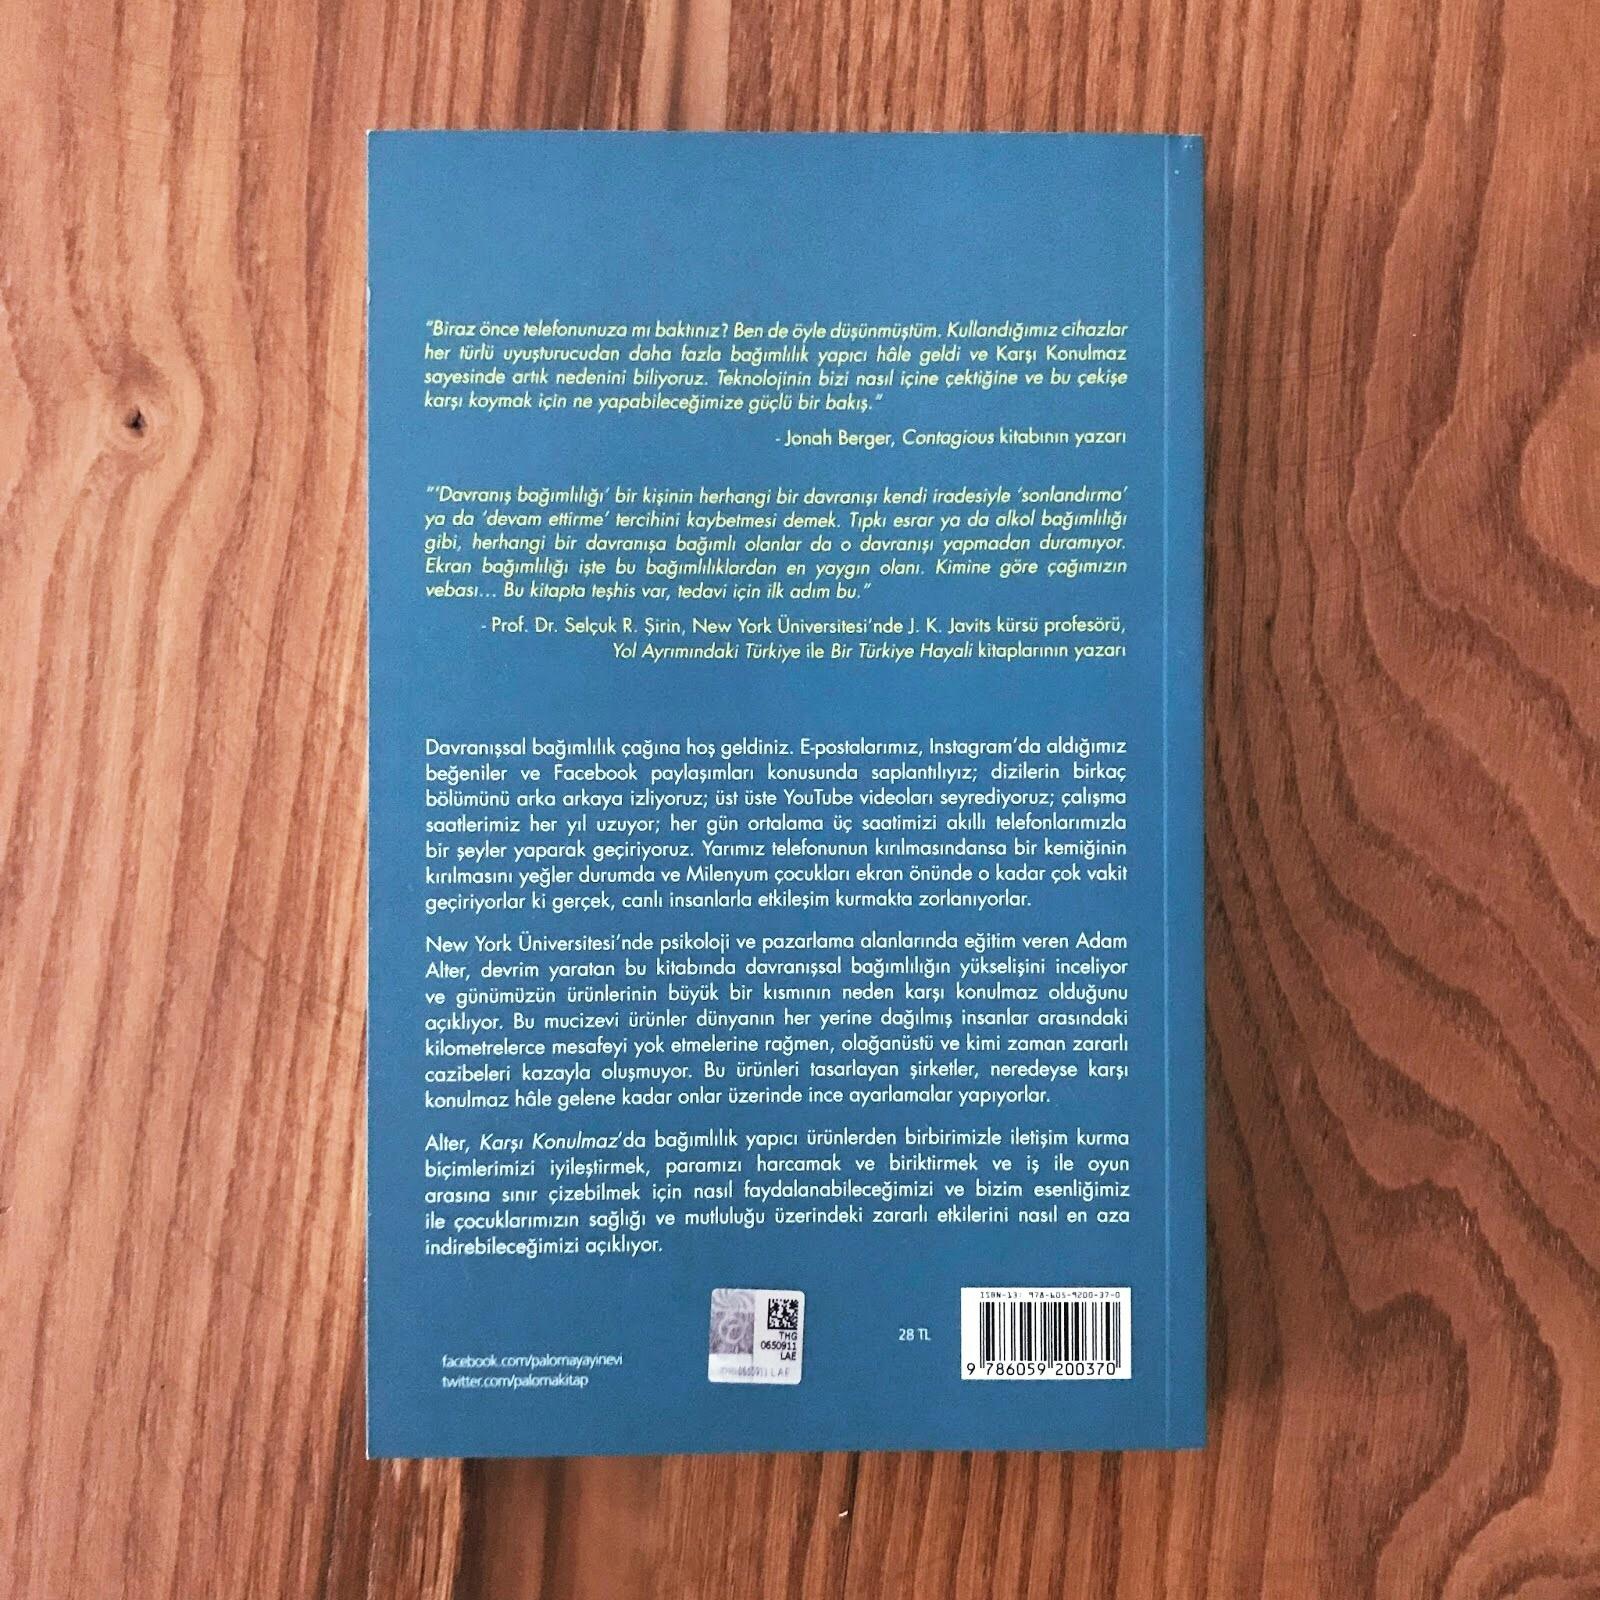 Karsi Konulmaz - Bagimlilik Yapici Teknolojinin Yukselisi ve Bizim Ona Esir Edilisimiz (Kitap)